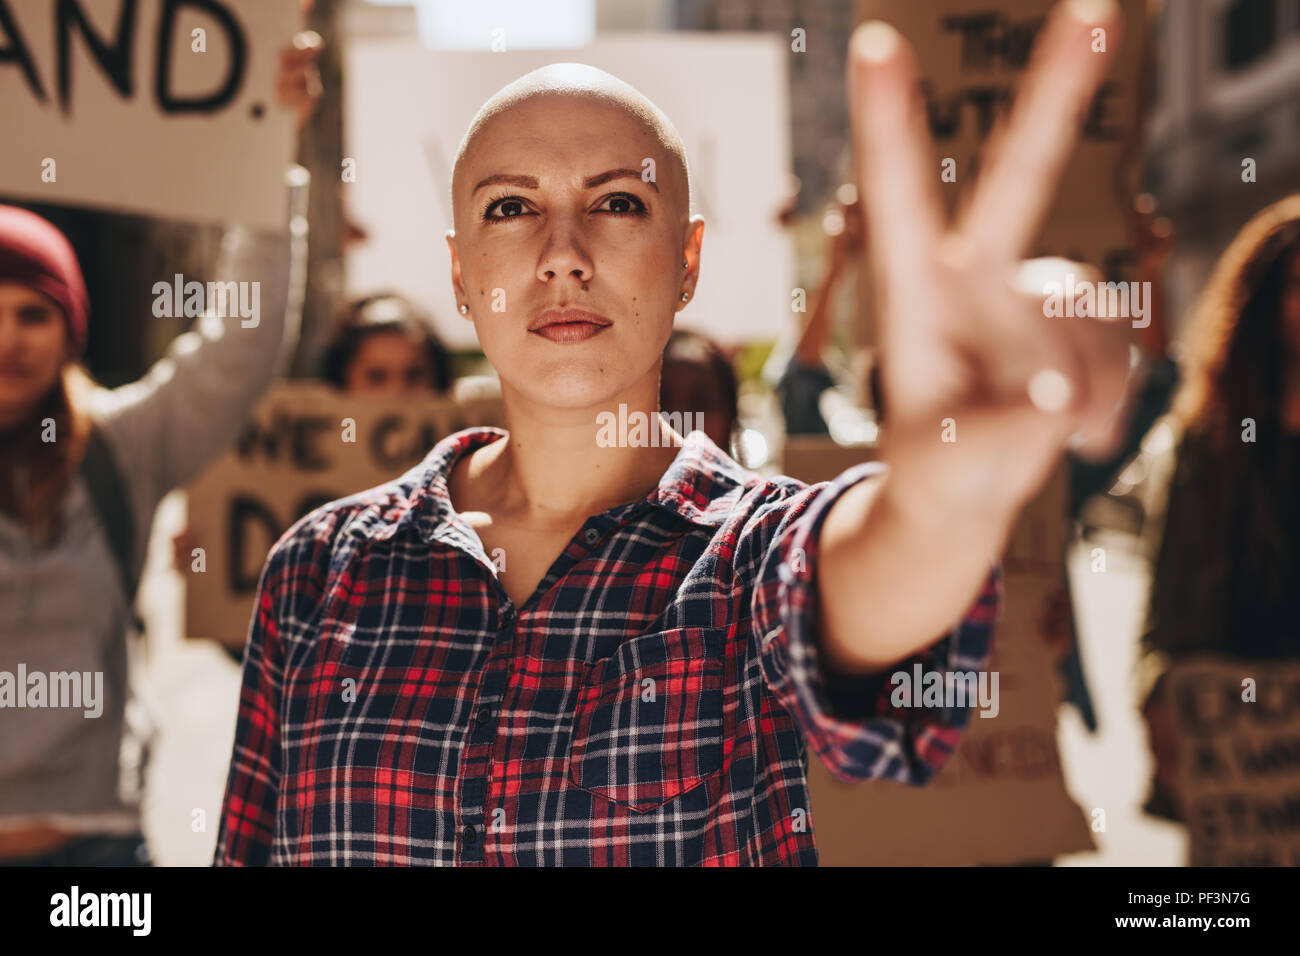 Femme chauve qui protestaient à l'extérieur et montrant un signe de main de paix. Femme avec groupe de personnes qui protestaient à l'extérieur, sur la rue de la ville. Photo Stock